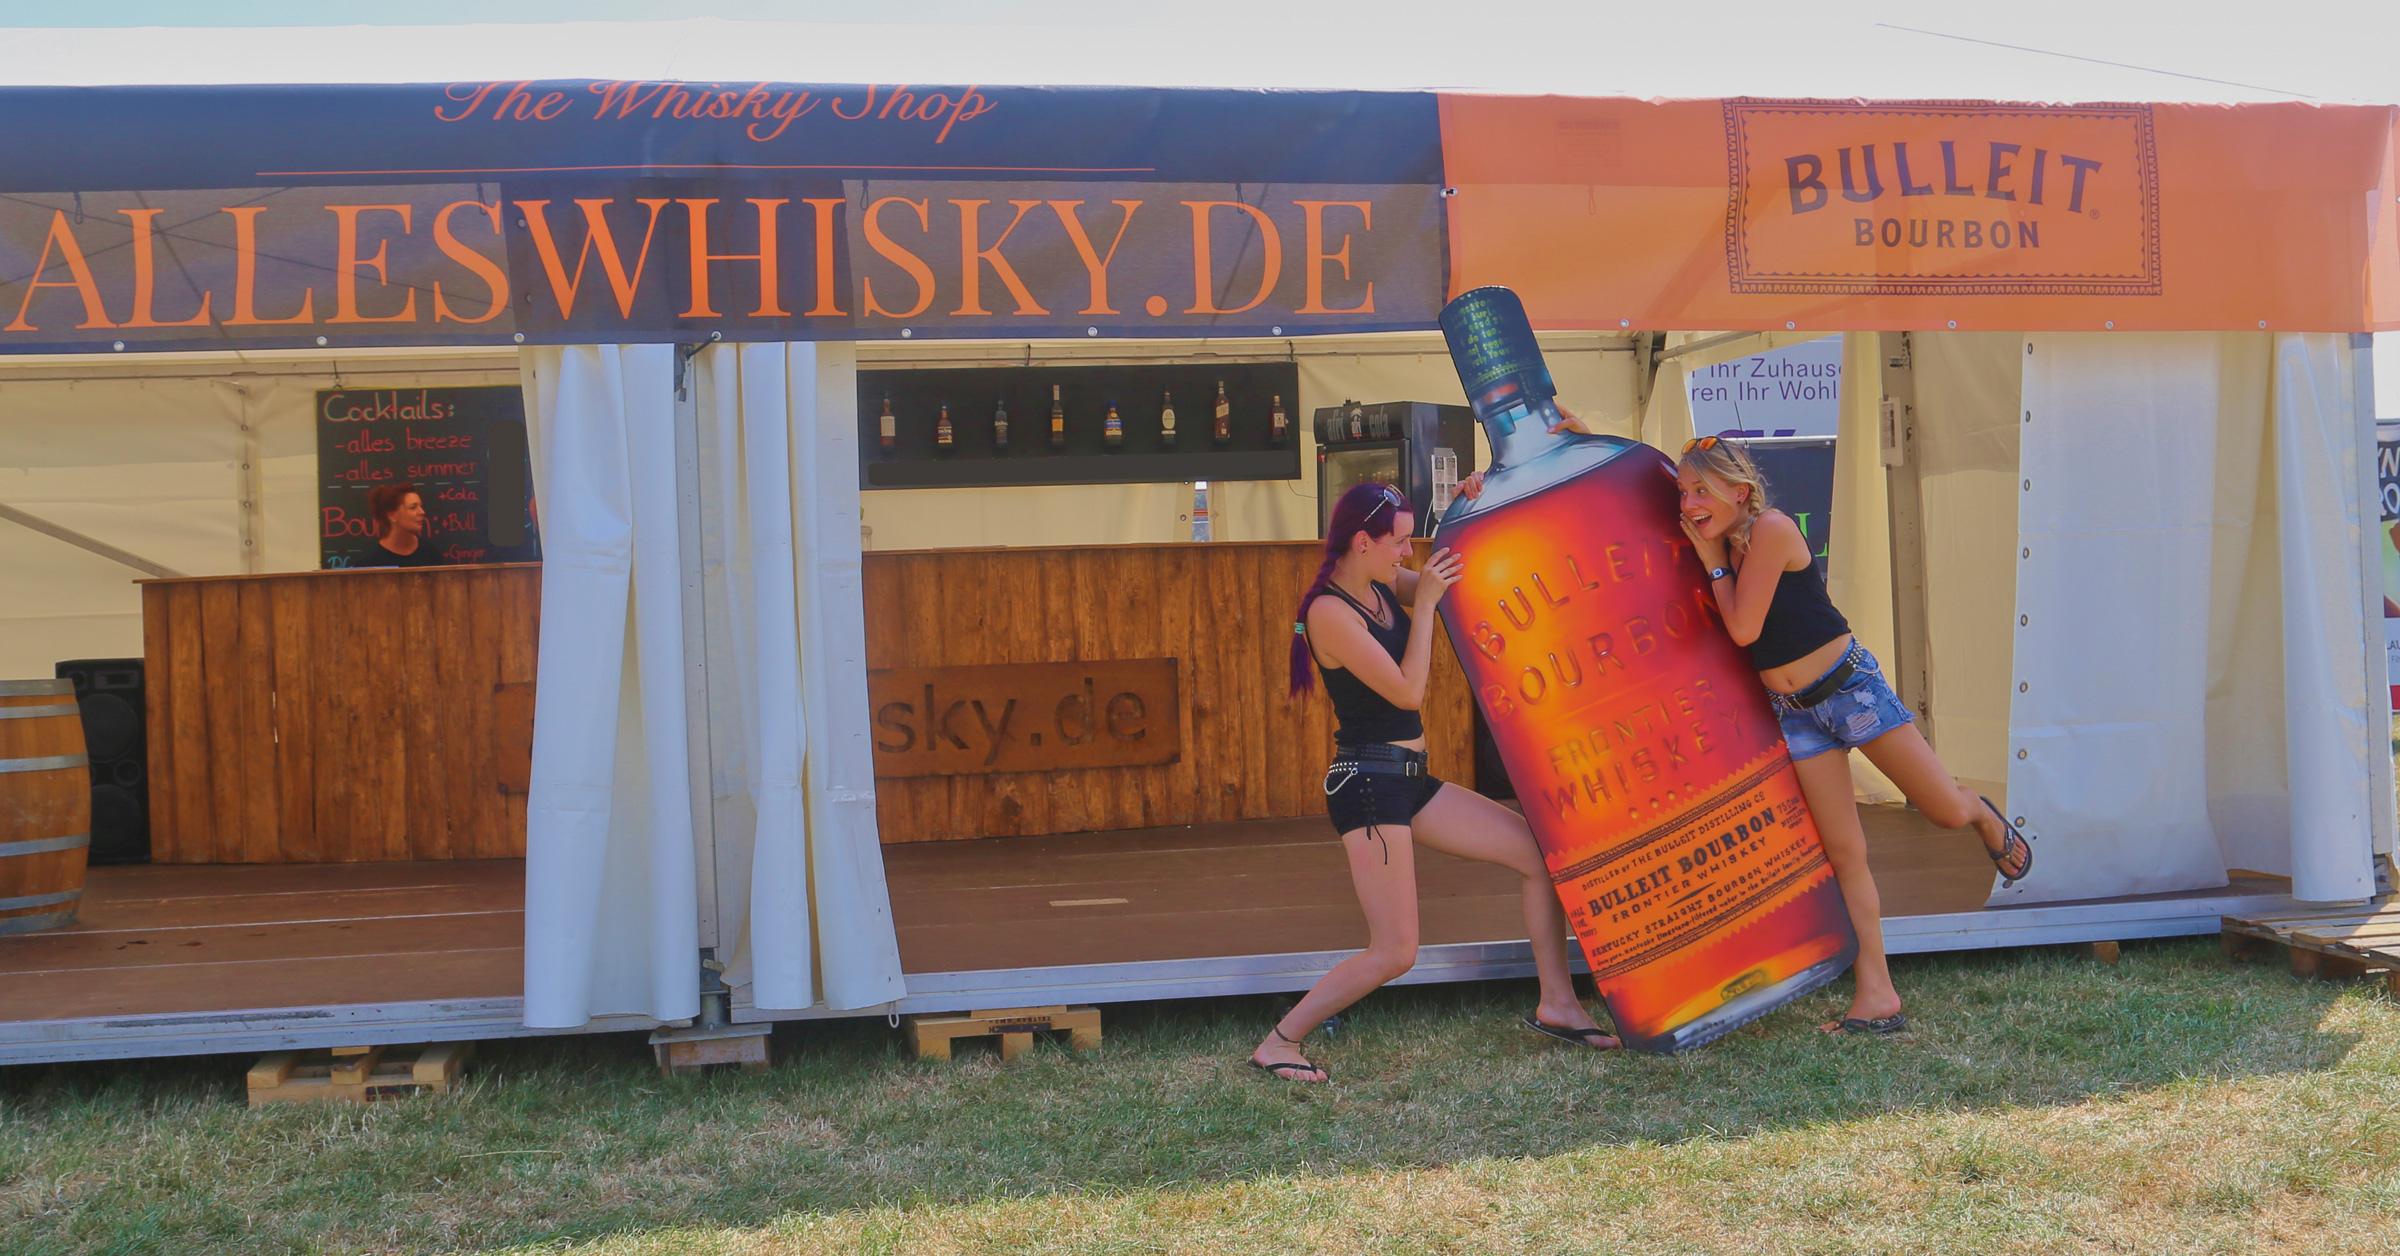 alleswhisky.de Stand 2015 direkt vor Beginn des Festivals